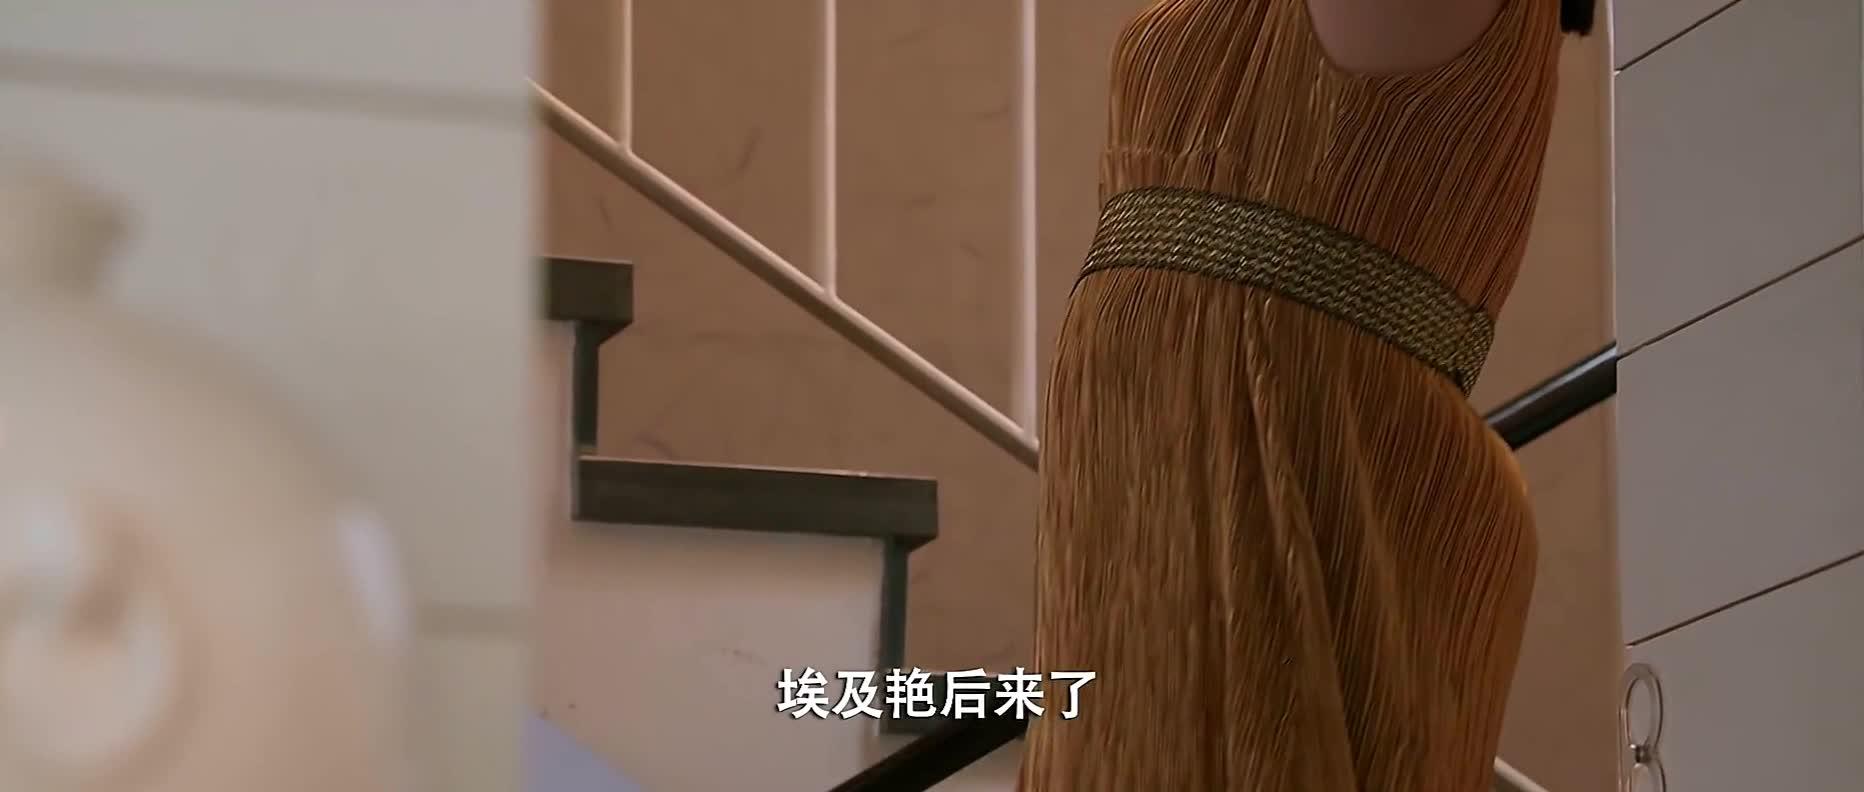 #经典看电影#埃及艳后一出场,郭老师辣眼睛啊。